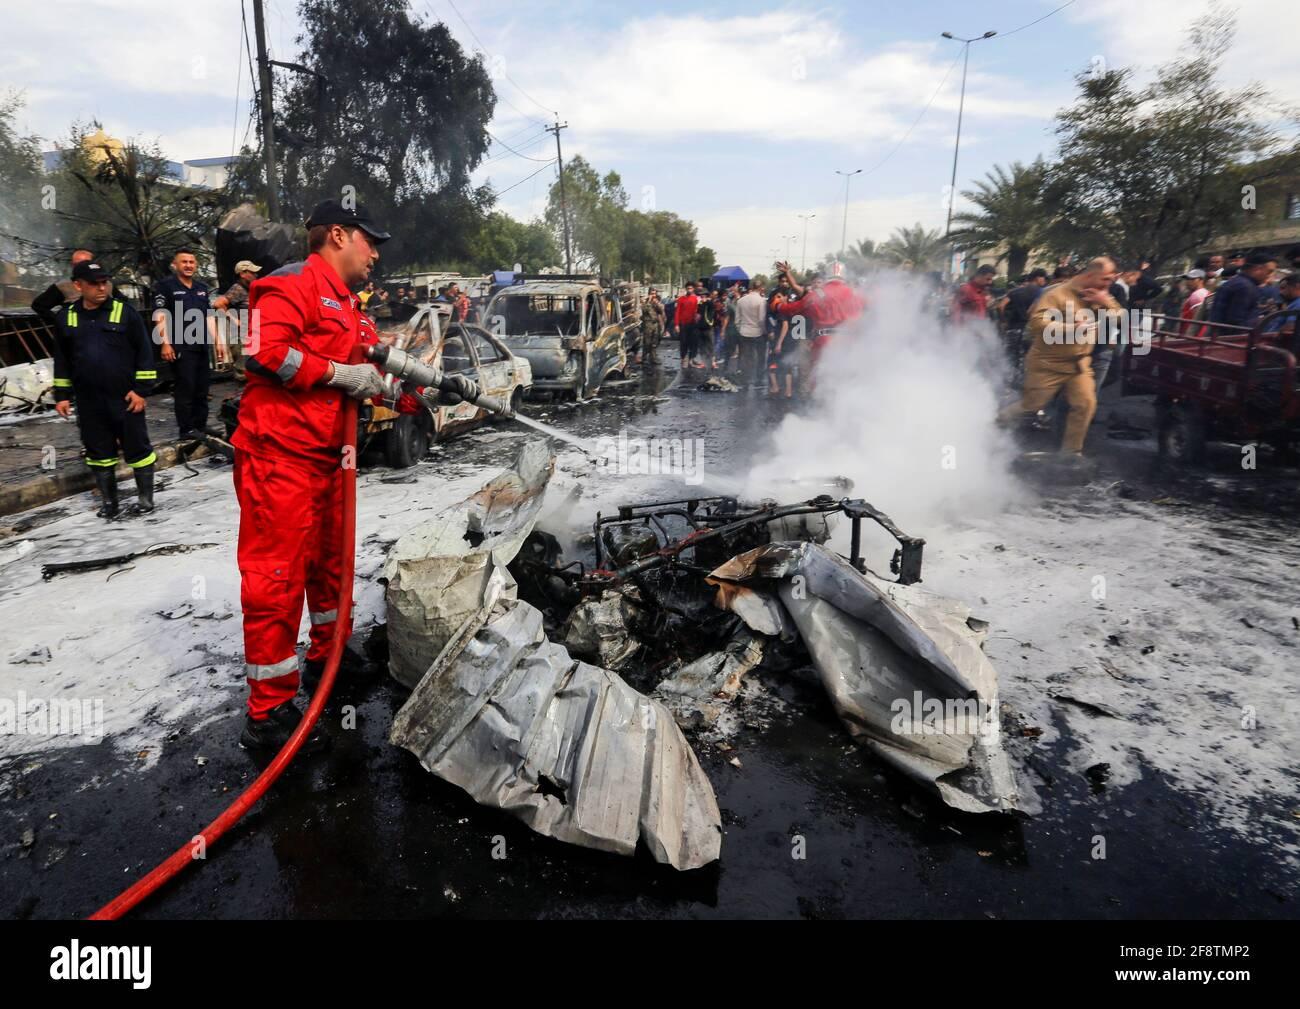 Ein Feuerwehrmann inspiziert den Ort eines Autobombenanschlags im Stadtteil Sadr City in Bagdad, Irak, am 15. April 2021. REUTERS/Wissam al-Okili Stockfoto